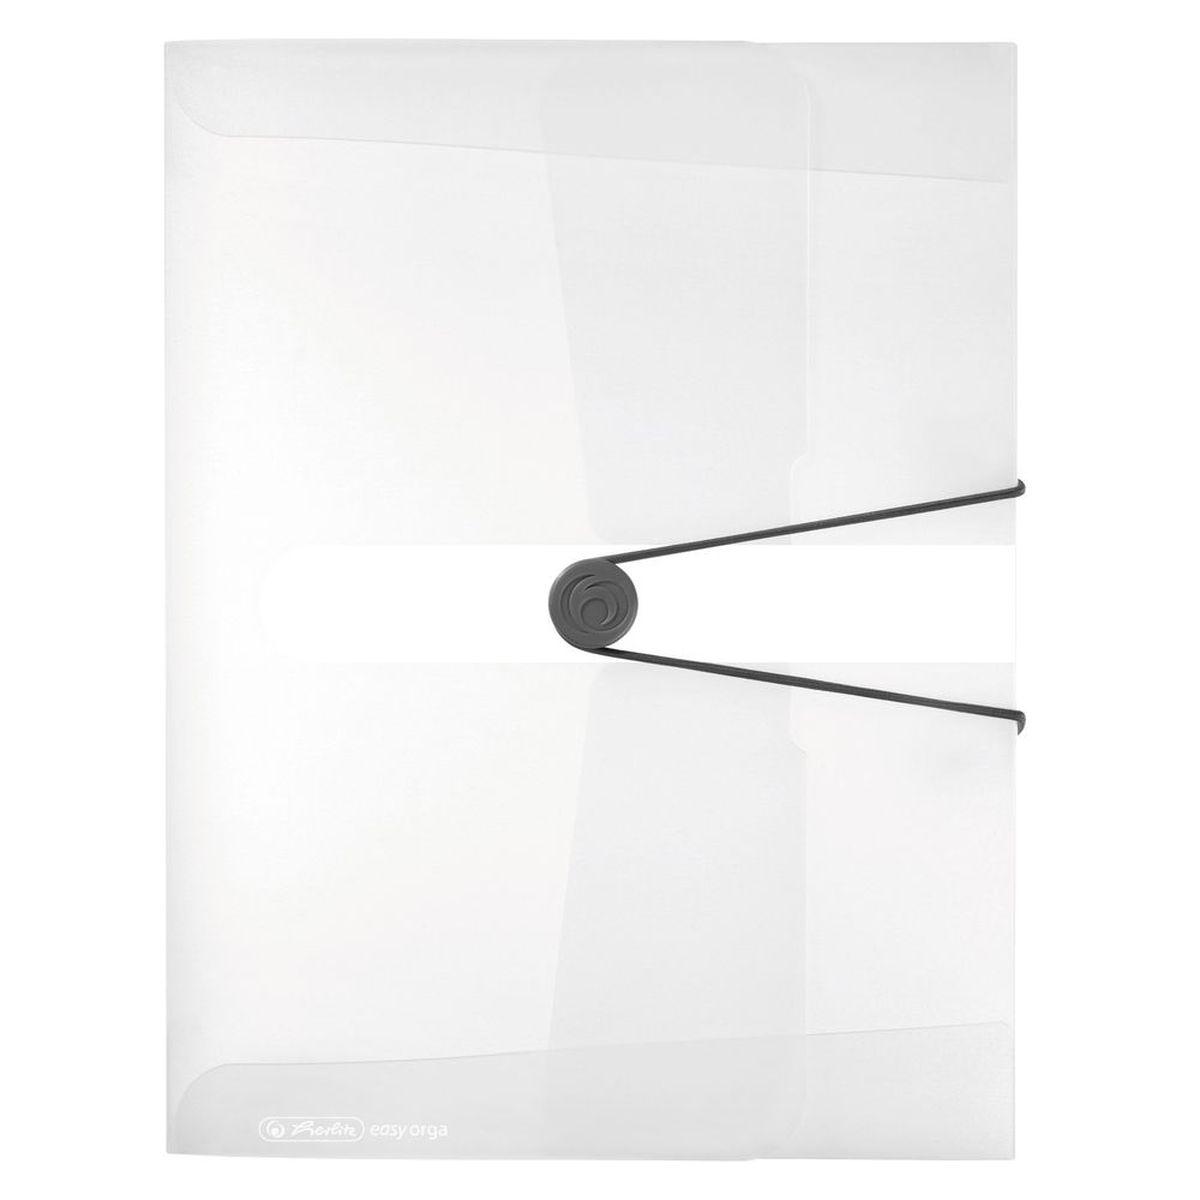 Herlitz Папка-конверт Easy orga to go цвет прозрачный -  Папки